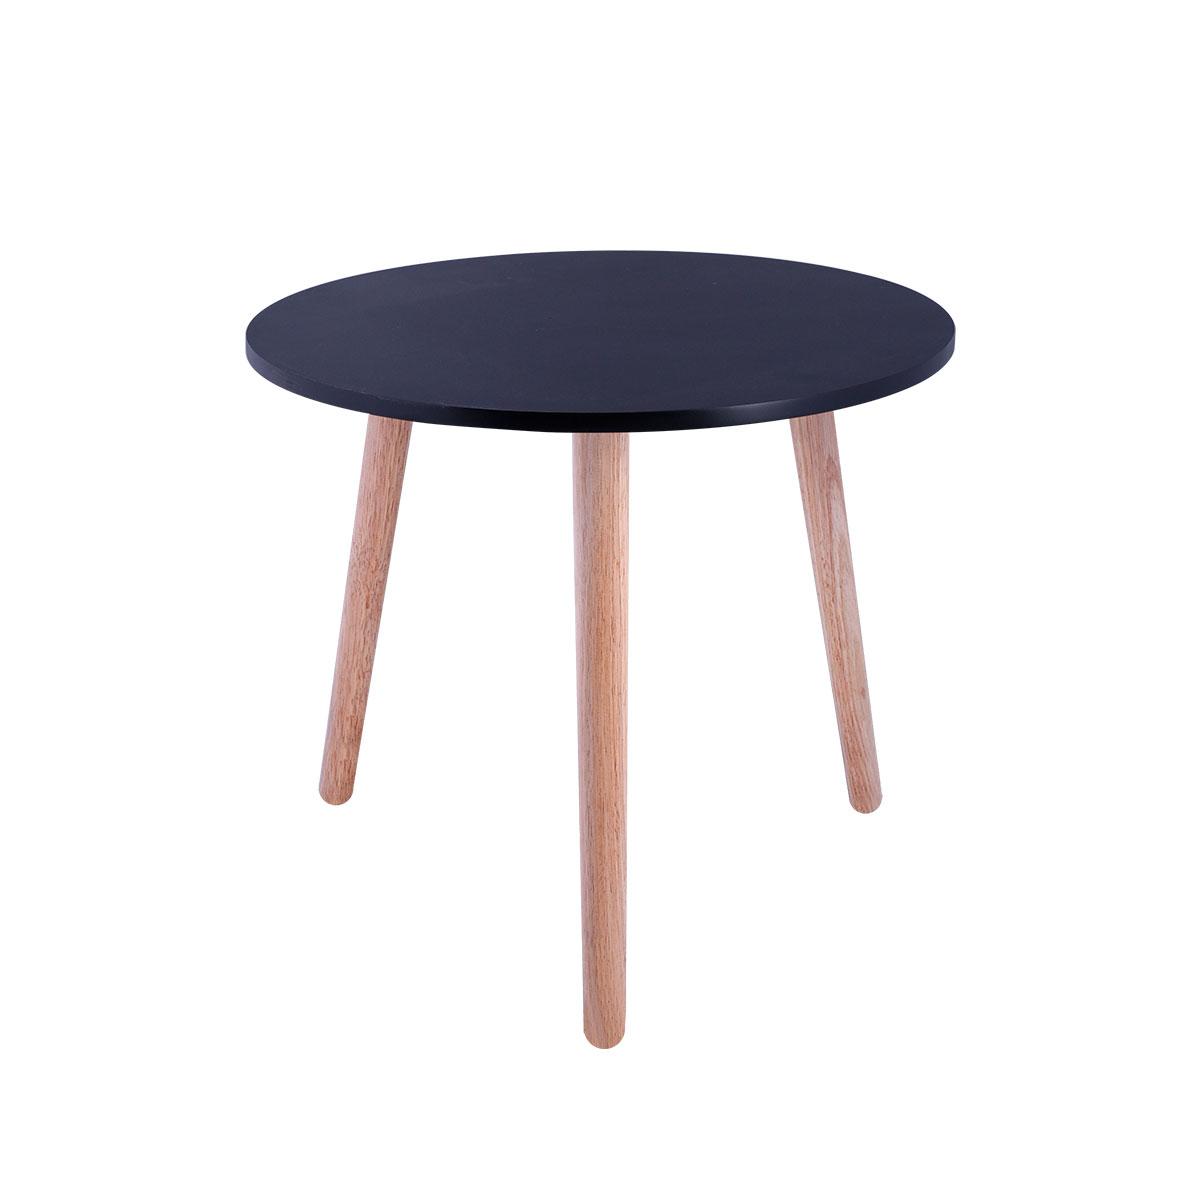 طاولة تقديم وخدمة خشب دائرية - 40 سم - لون اسود- من ماي مارت